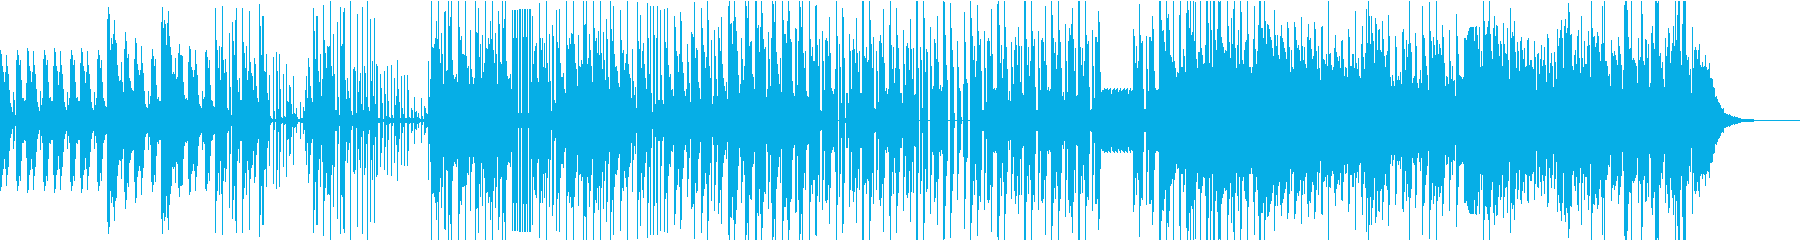 低音が効いたChill Mixの再生済みの波形